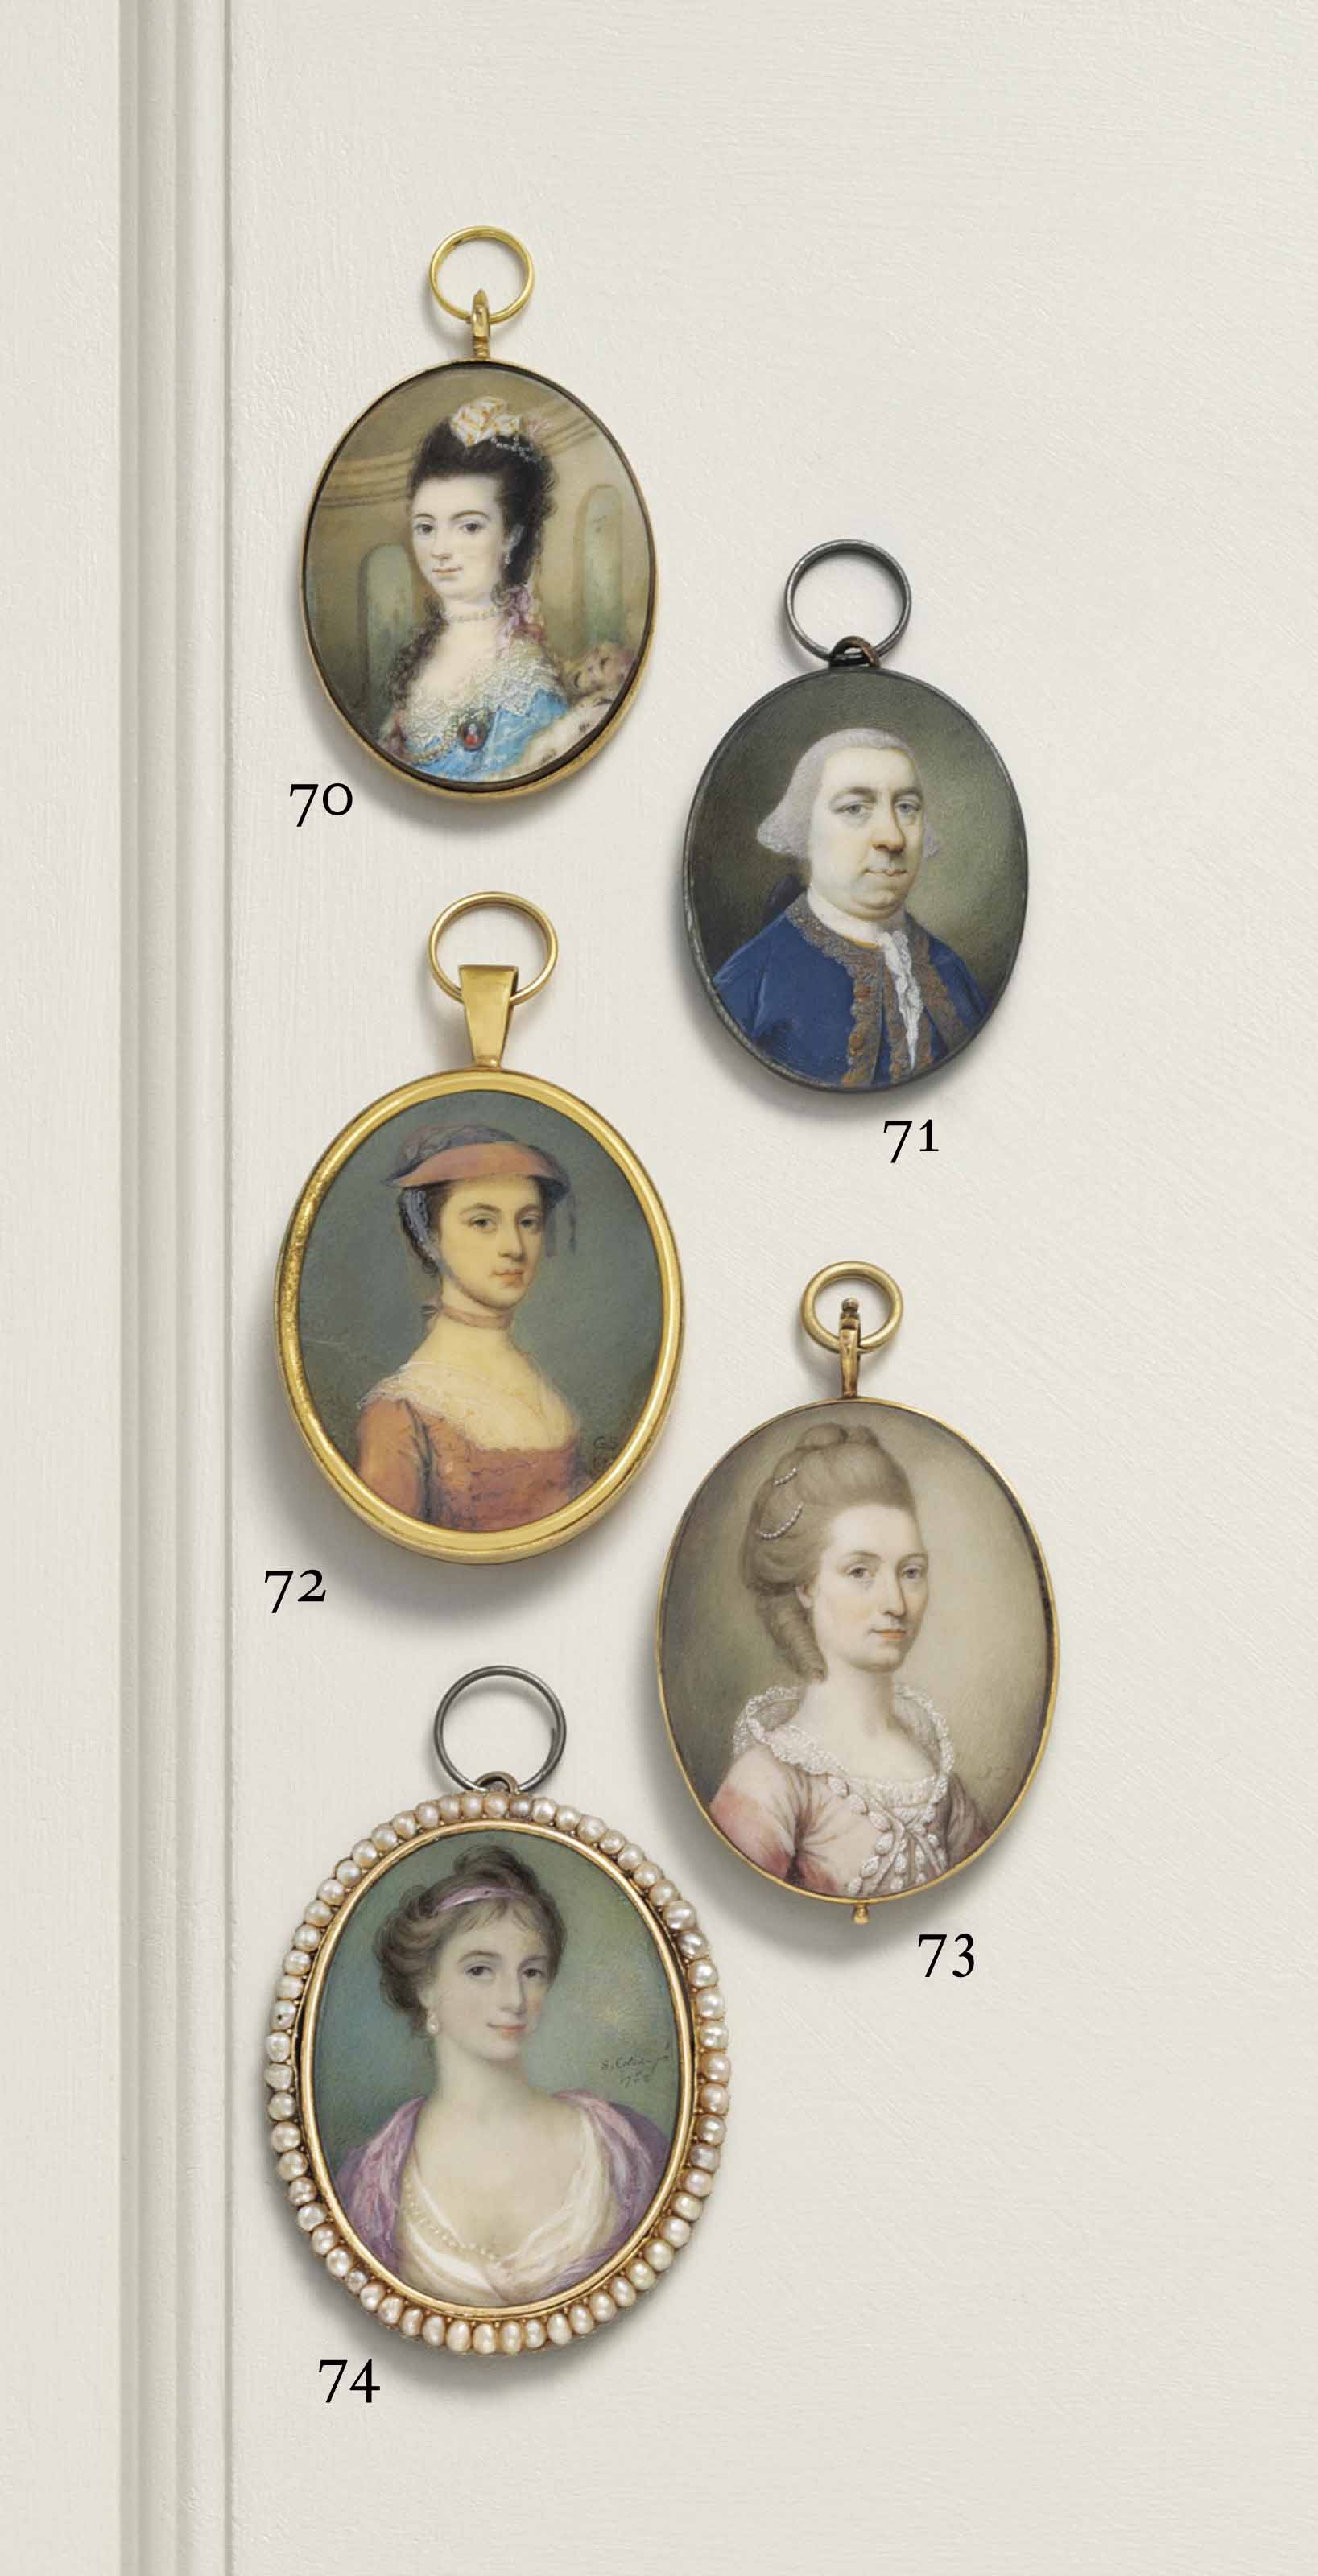 SAMUEL COTES (BRITISH, 1734-1818)